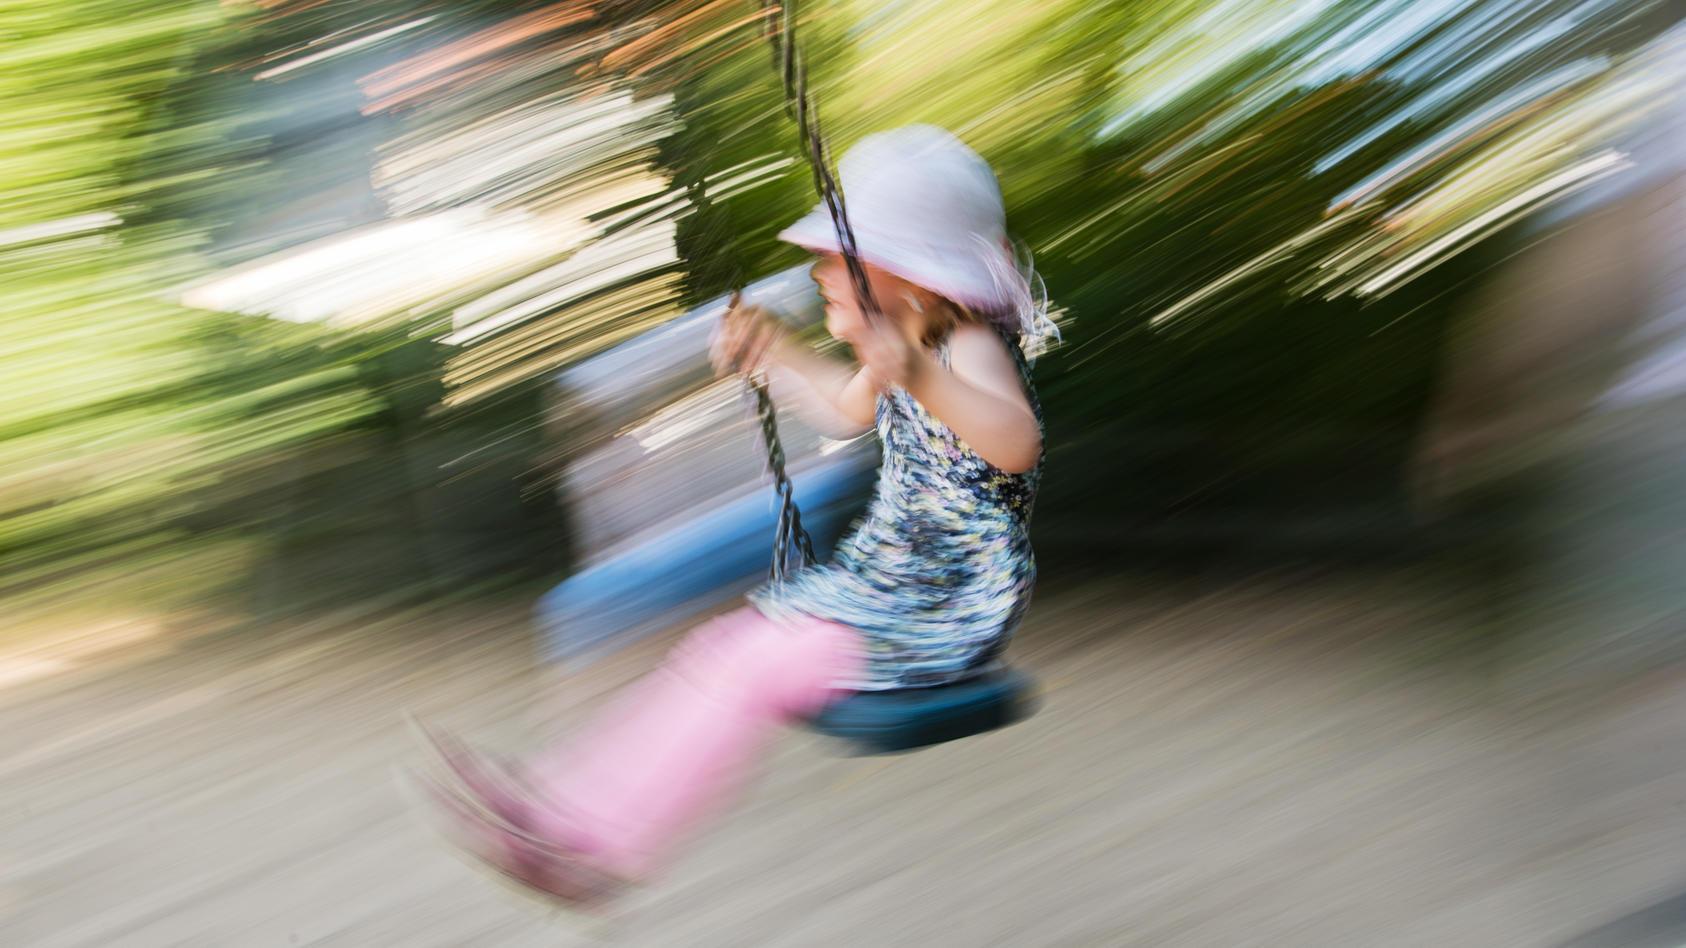 Sommer auf dem Kinderspielplatz